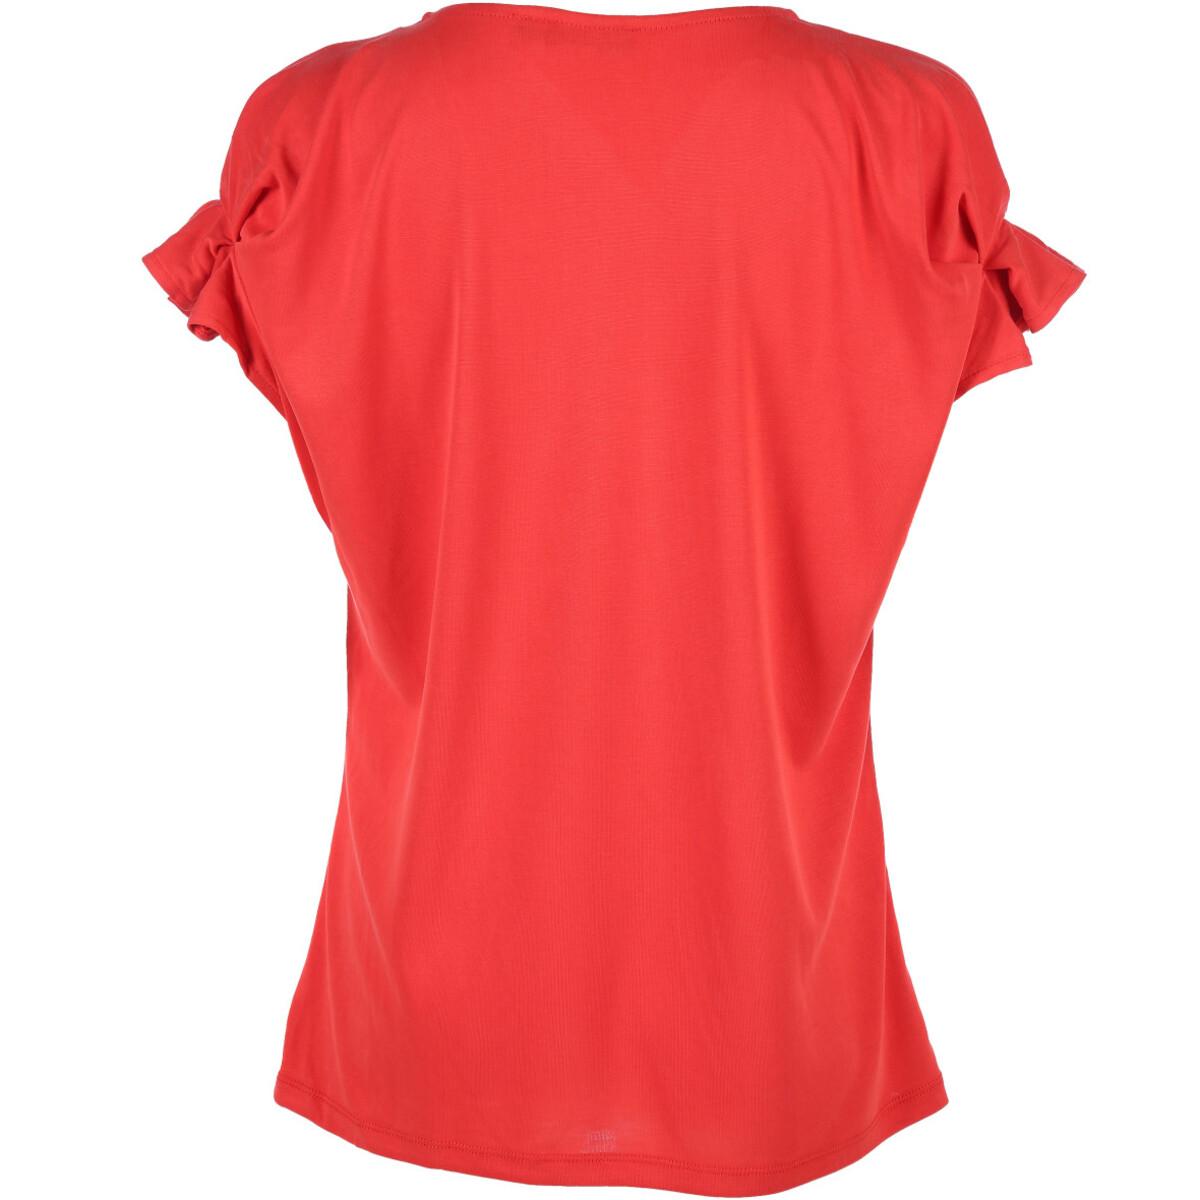 Bild 2 von Damen Shirt mit raffinierten Ärmeln